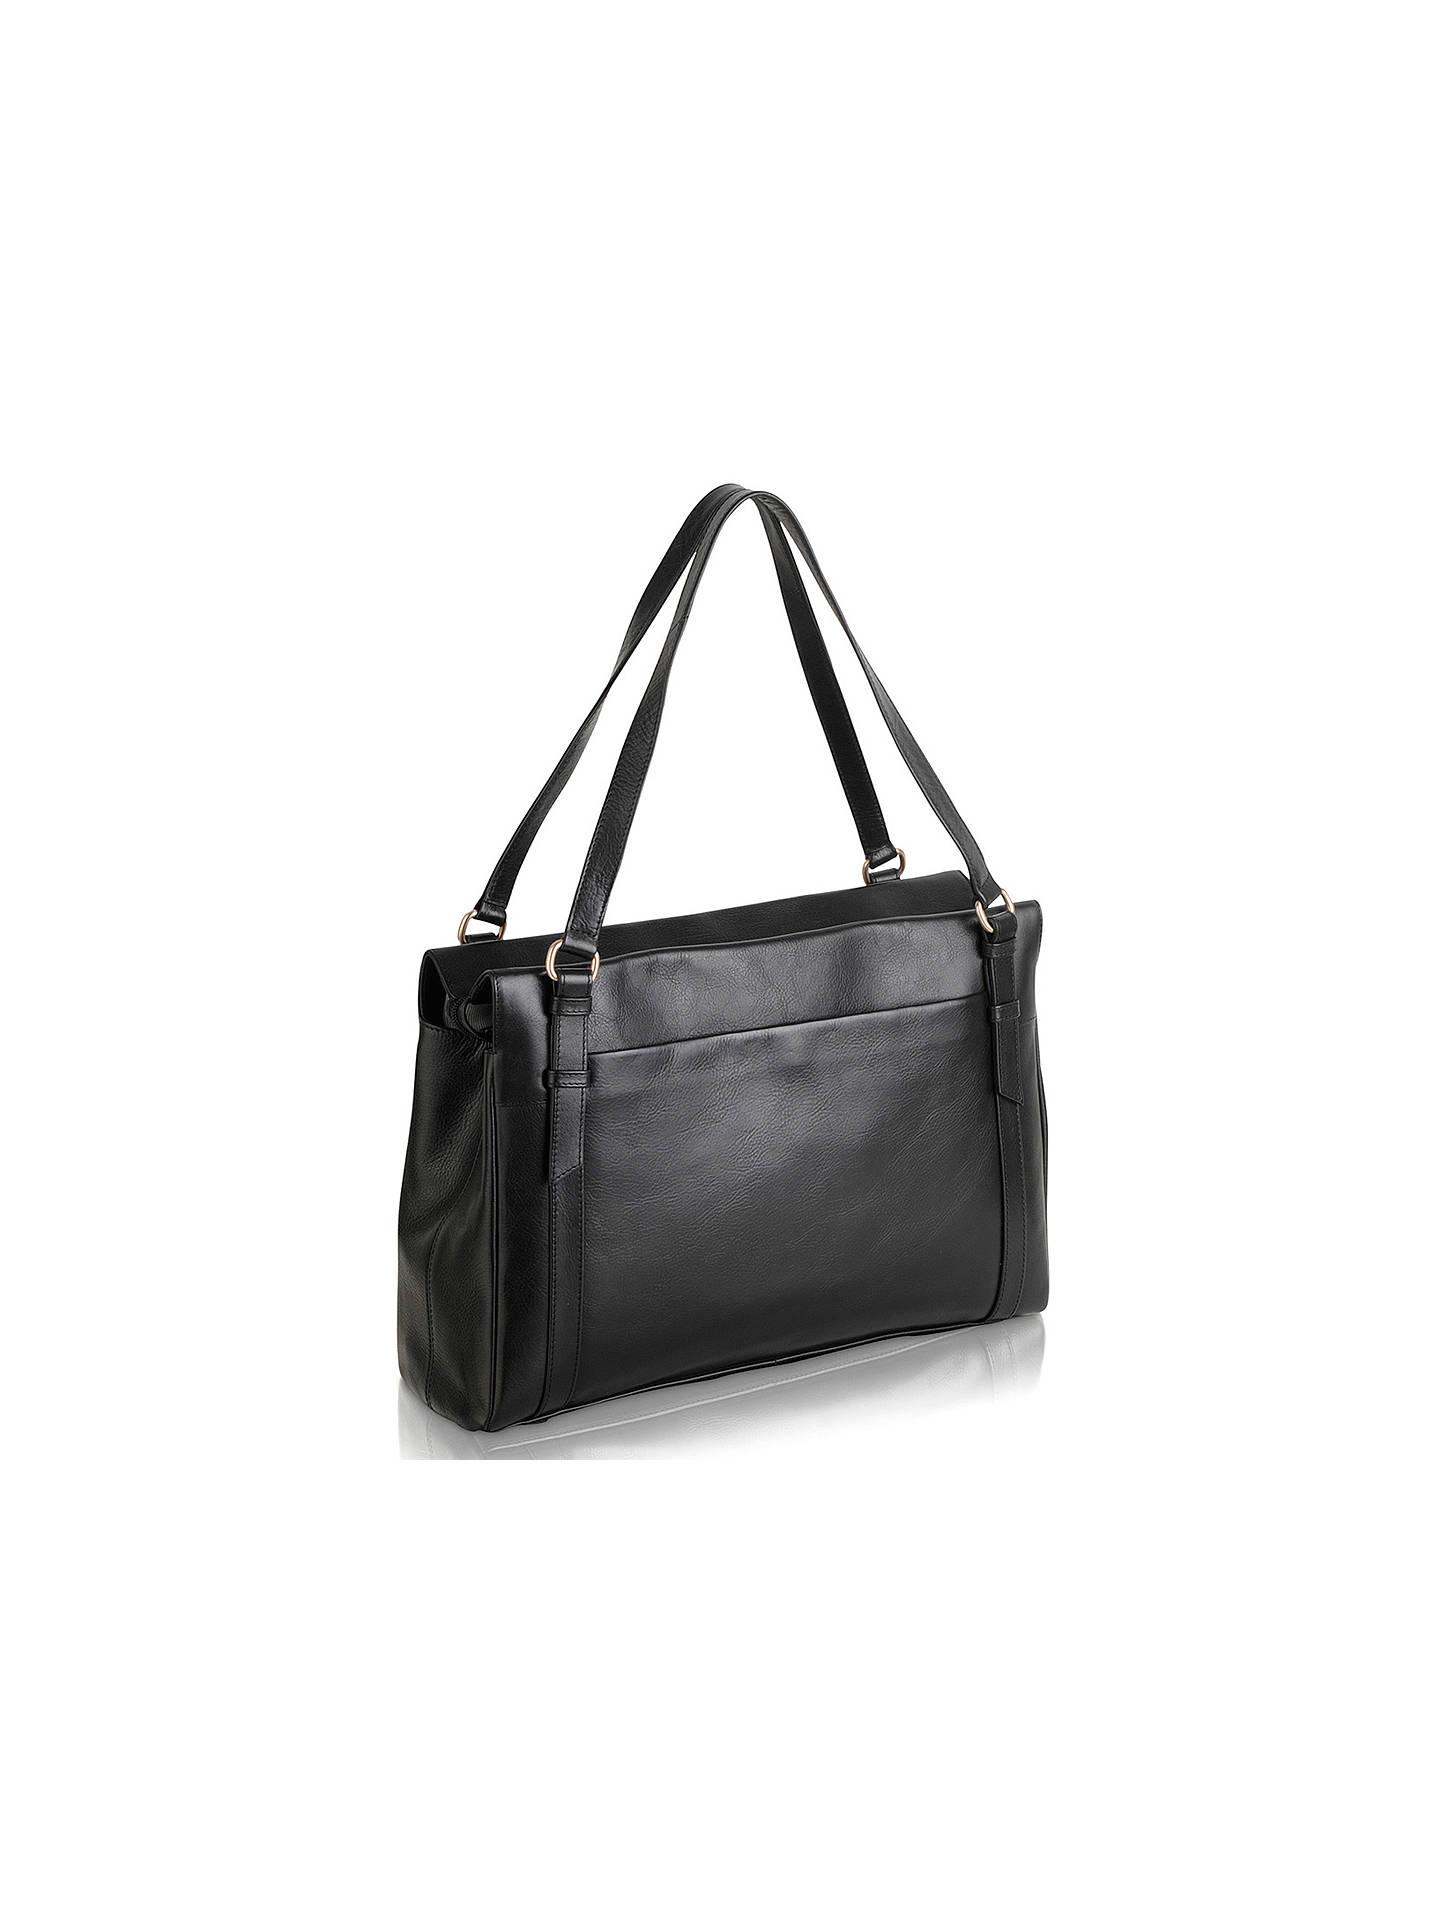 0d695c14c ... Buy Radley Chelsea Large Leather Work Bag, Black Online at  johnlewis.com ...